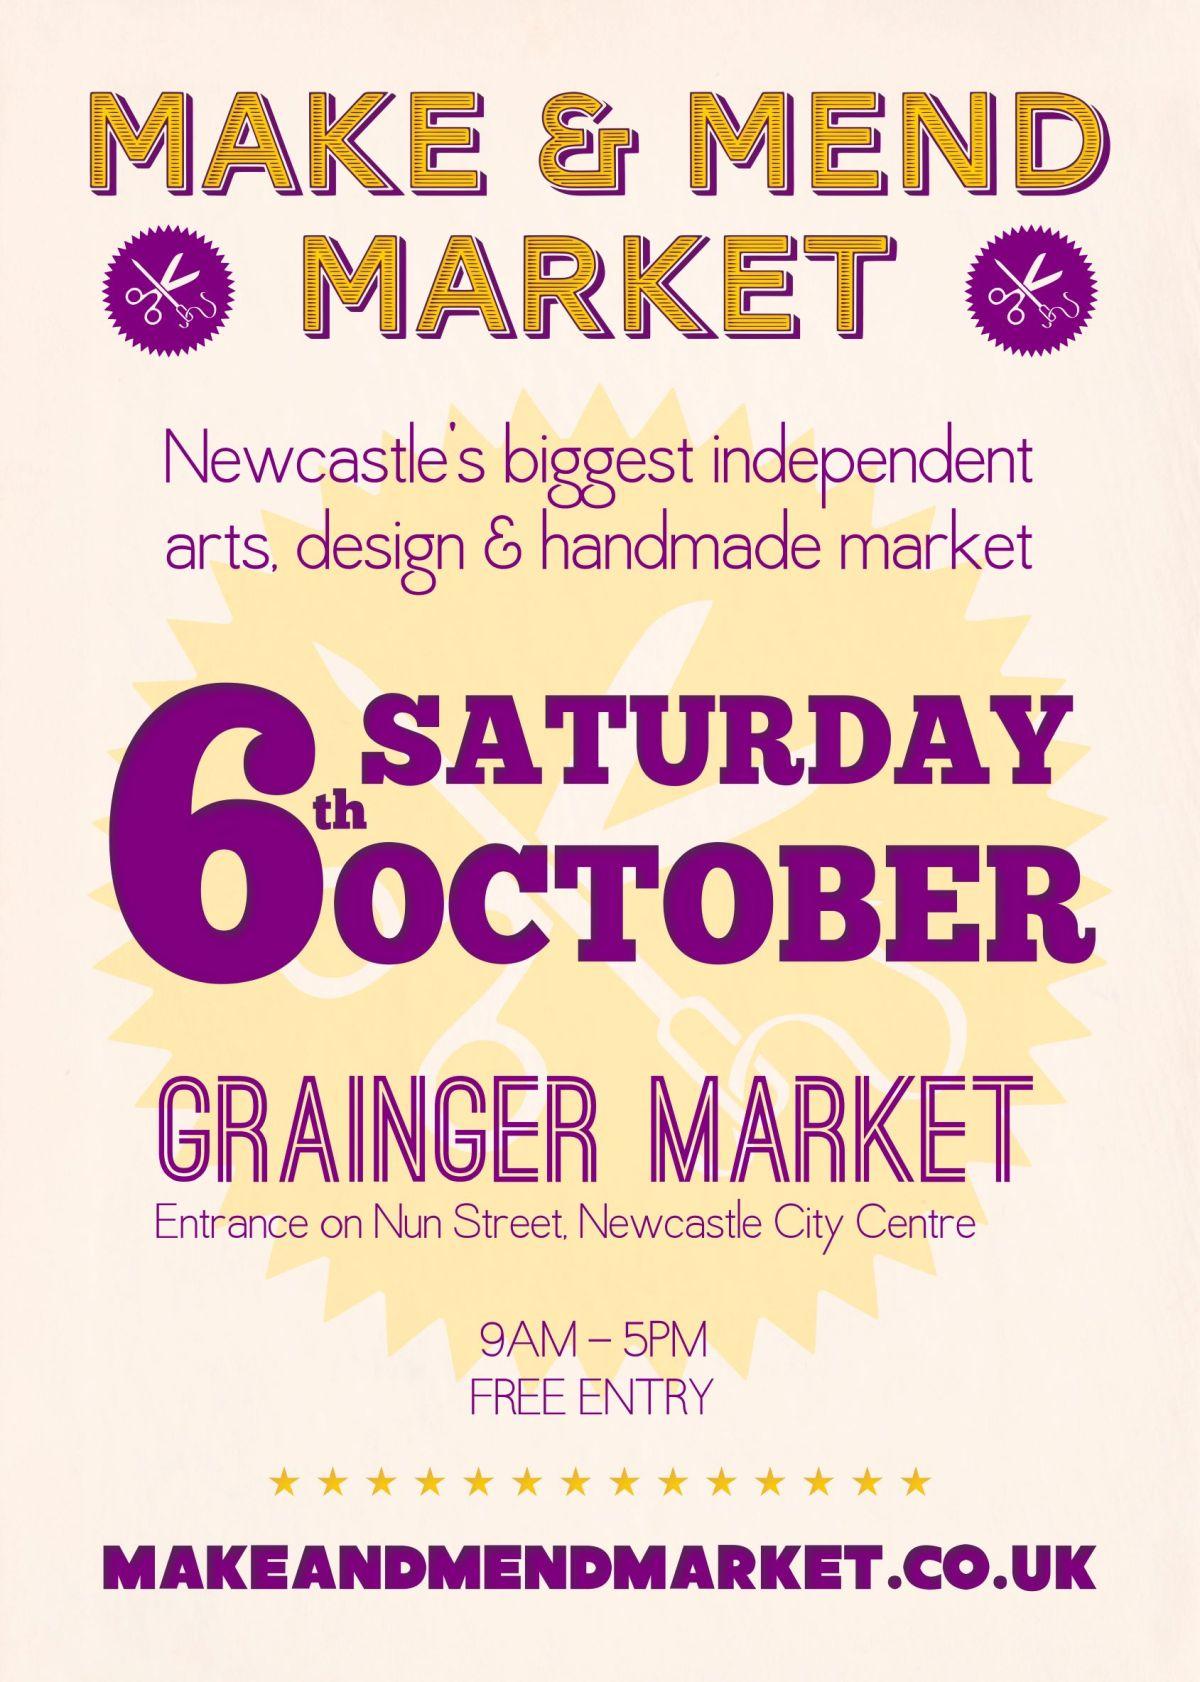 Make & Mend Market Flyer Design - October 2012